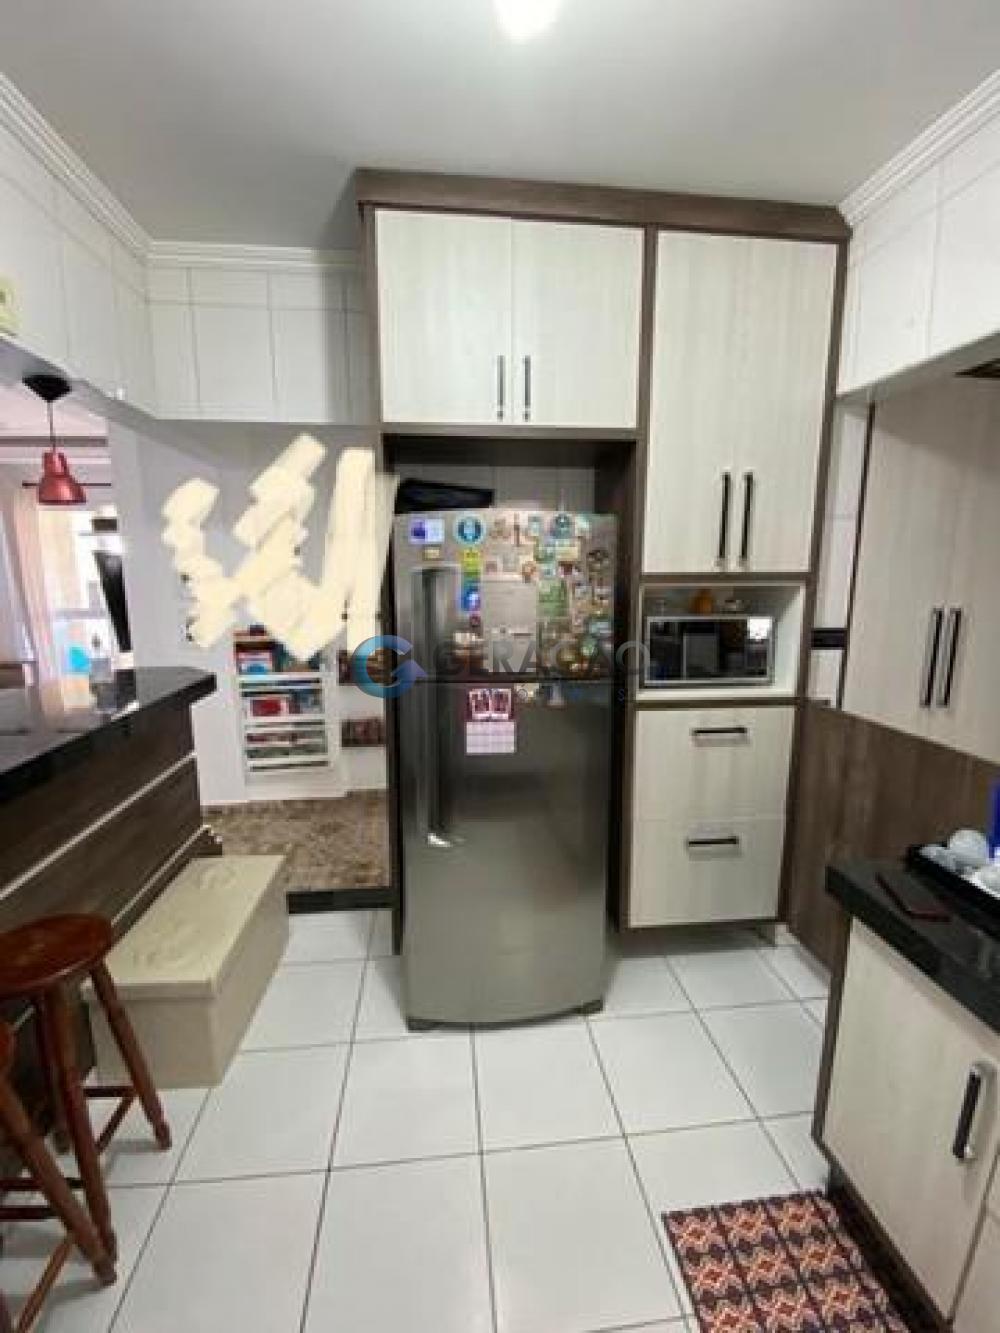 Comprar Apartamento / Padrão em São José dos Campos R$ 640.000,00 - Foto 7